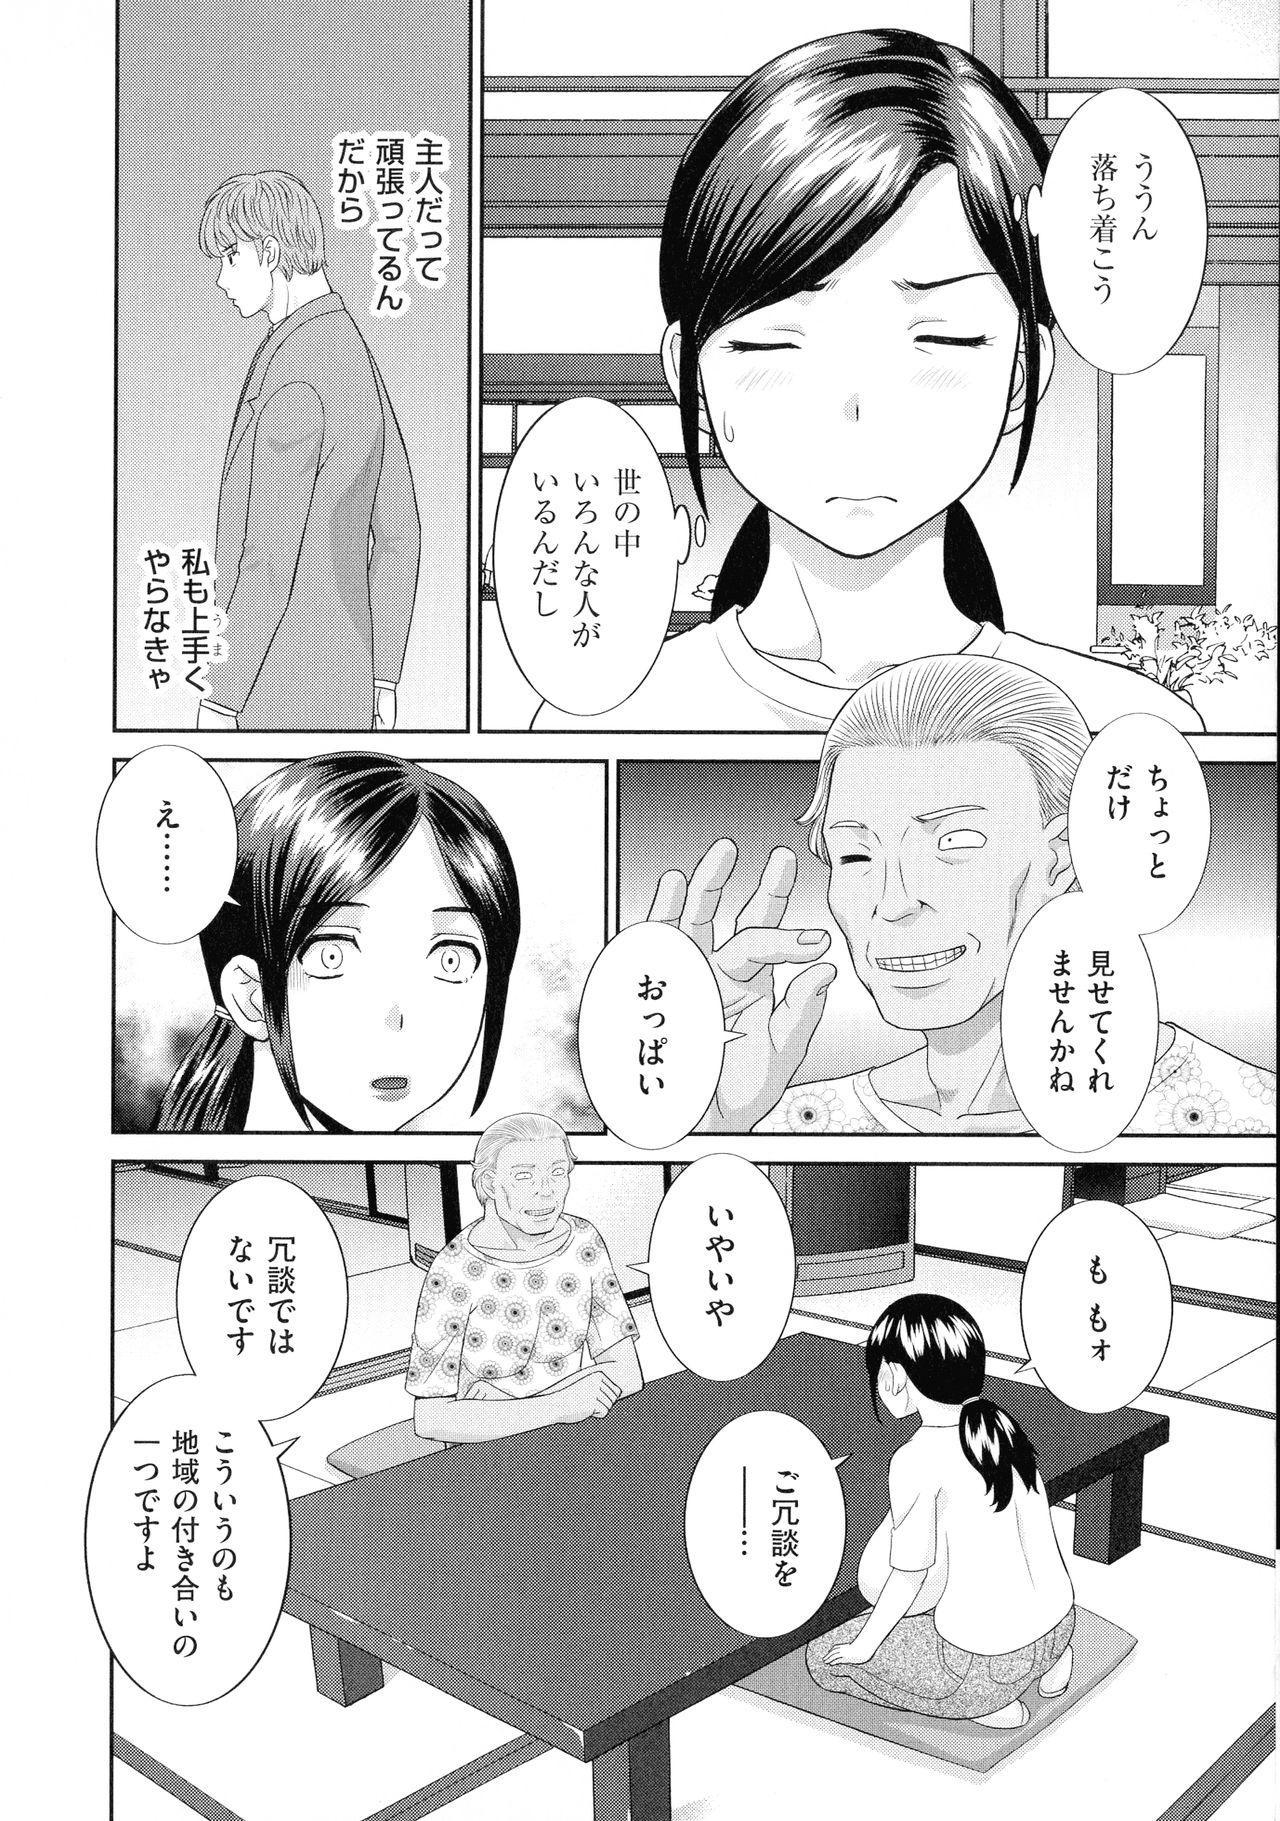 Tennen Torokeru Hatsujozuma 82